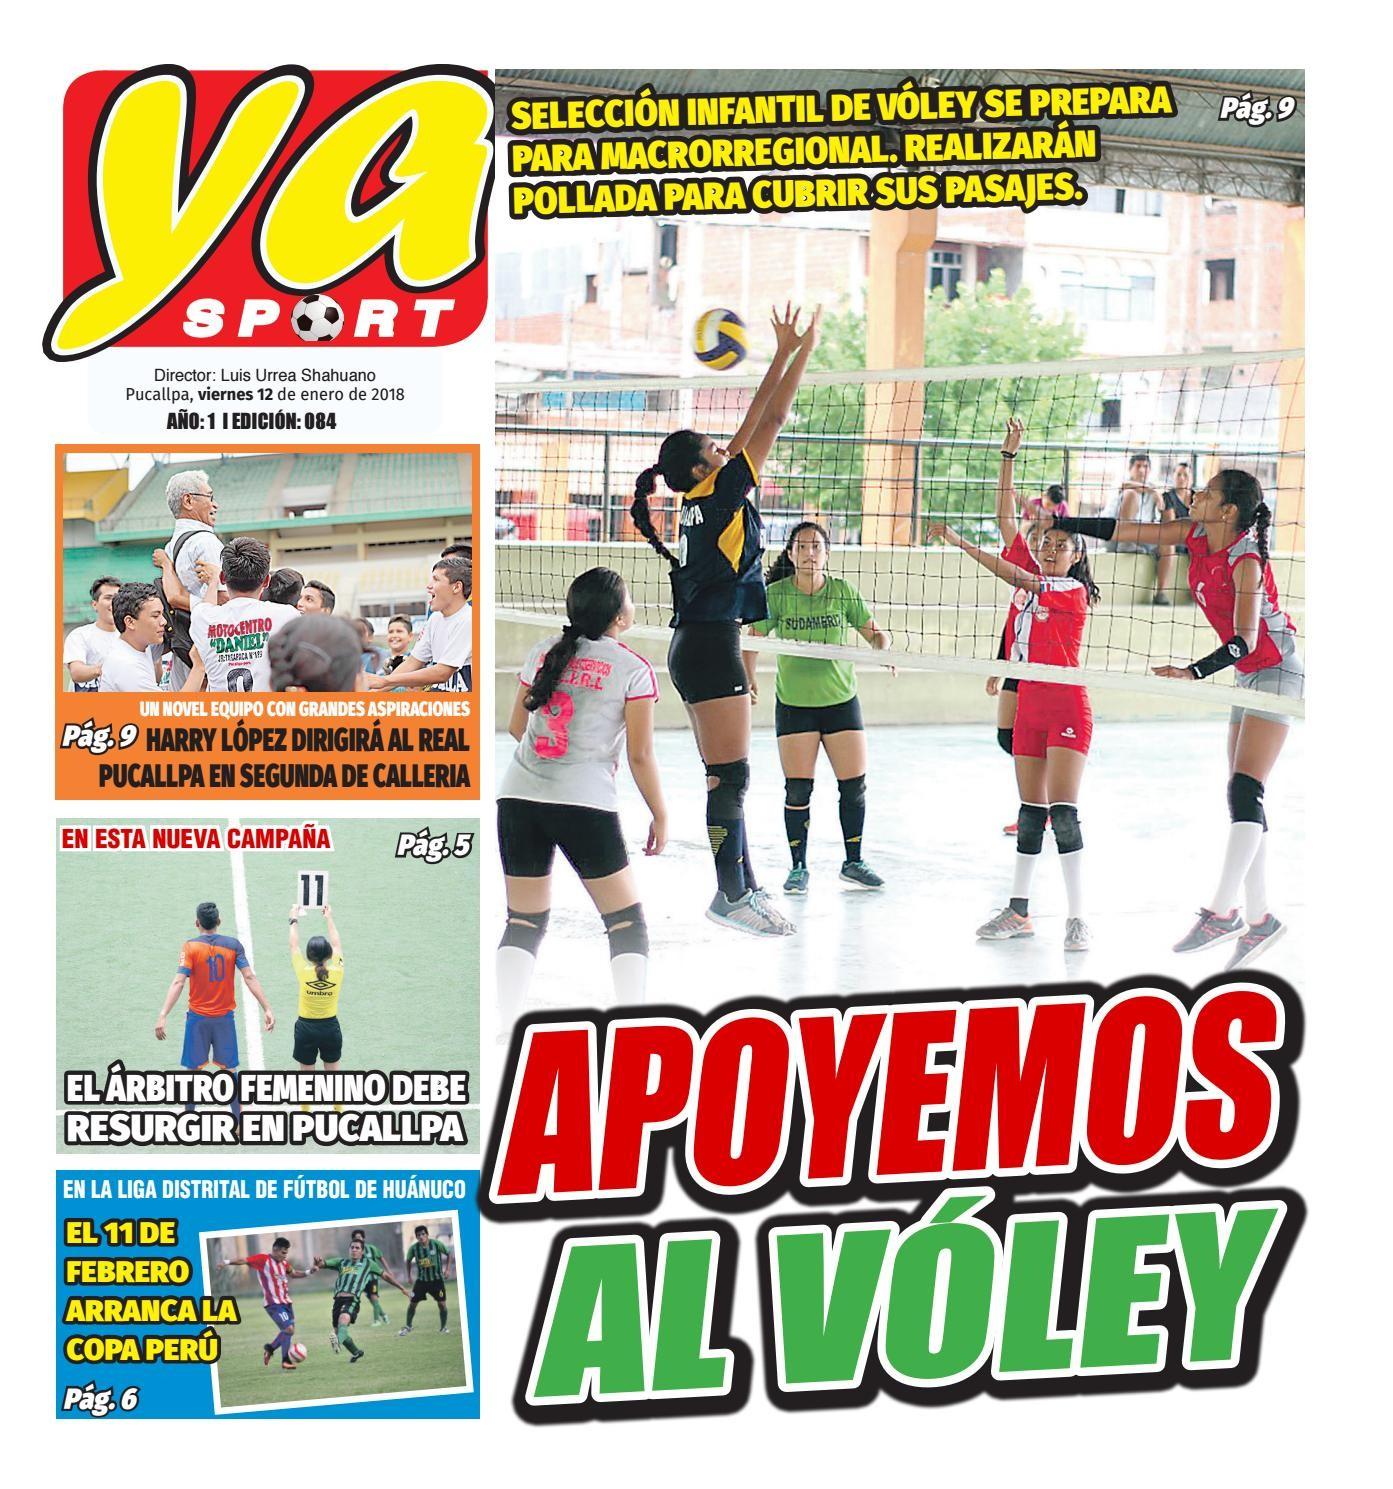 Calendario De Febrero 2017 Peru Más Recientes Ya Sport 12 De Enero Del 2018 by Ya Sport issuu Of Calendario De Febrero 2017 Peru Más Populares Impetu 04 De Junio Del 2018 by Diario mpetu issuu